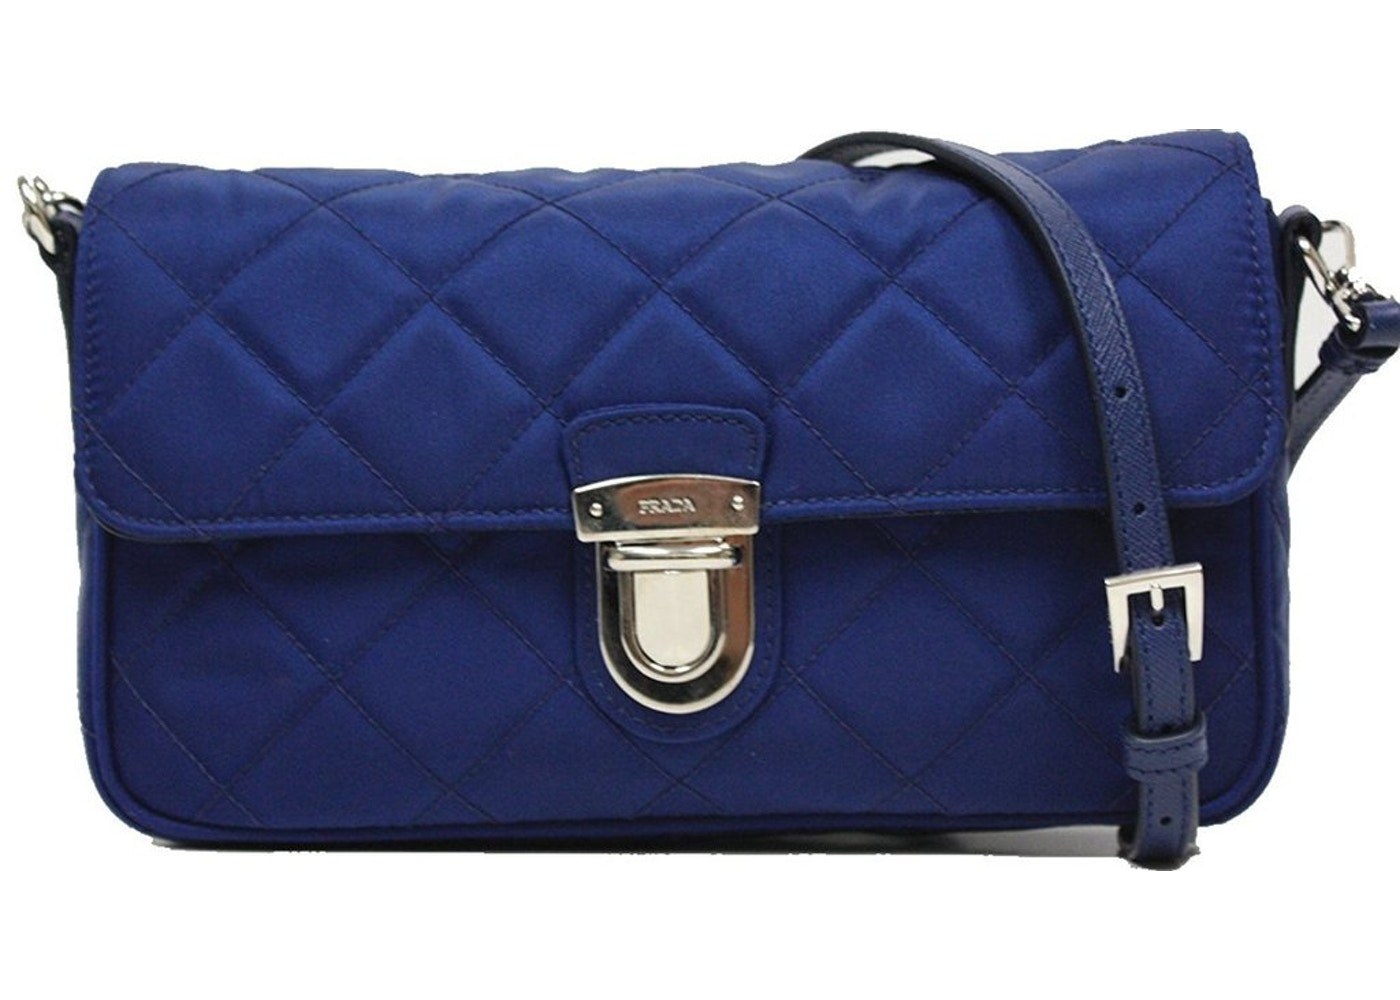 3bb8f1e5a11656 Prada Pattina Shoulder Bag Quilted Tessuto Impuntu Blue. Quilted Tessuto  Impuntu Blue